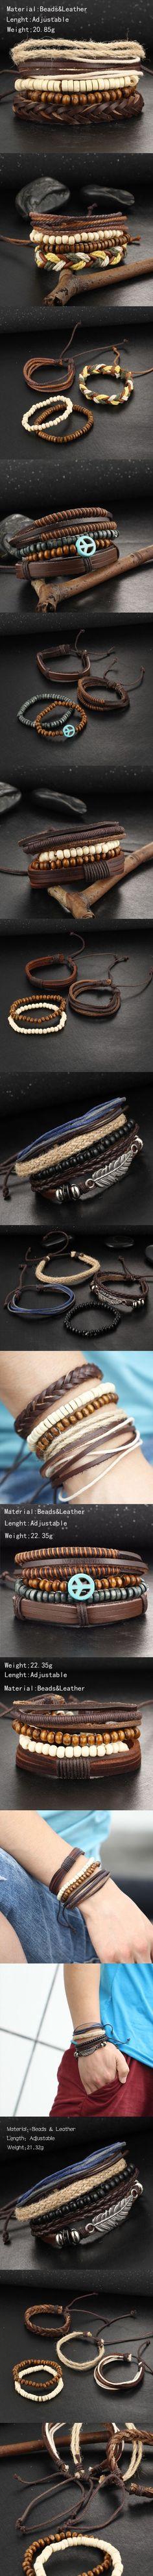 1Set Multilayer Leather Bracelet Men Jewelry Punk Rock Wood Bead Bracelets For Men Love Vintage Bracelets & Bangles Gift Retro